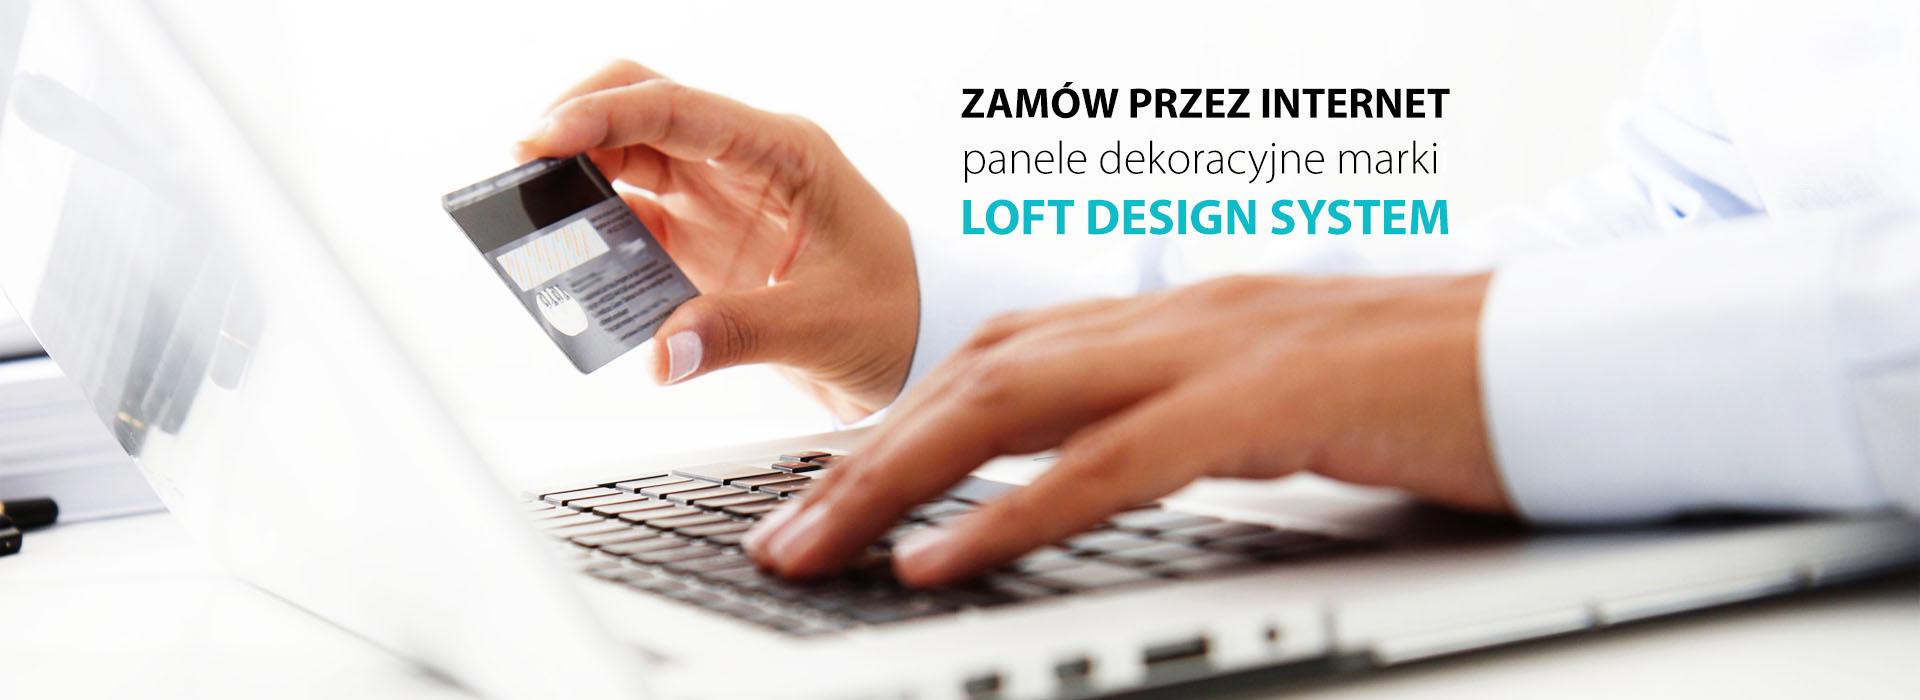 loft_design_system_sklep